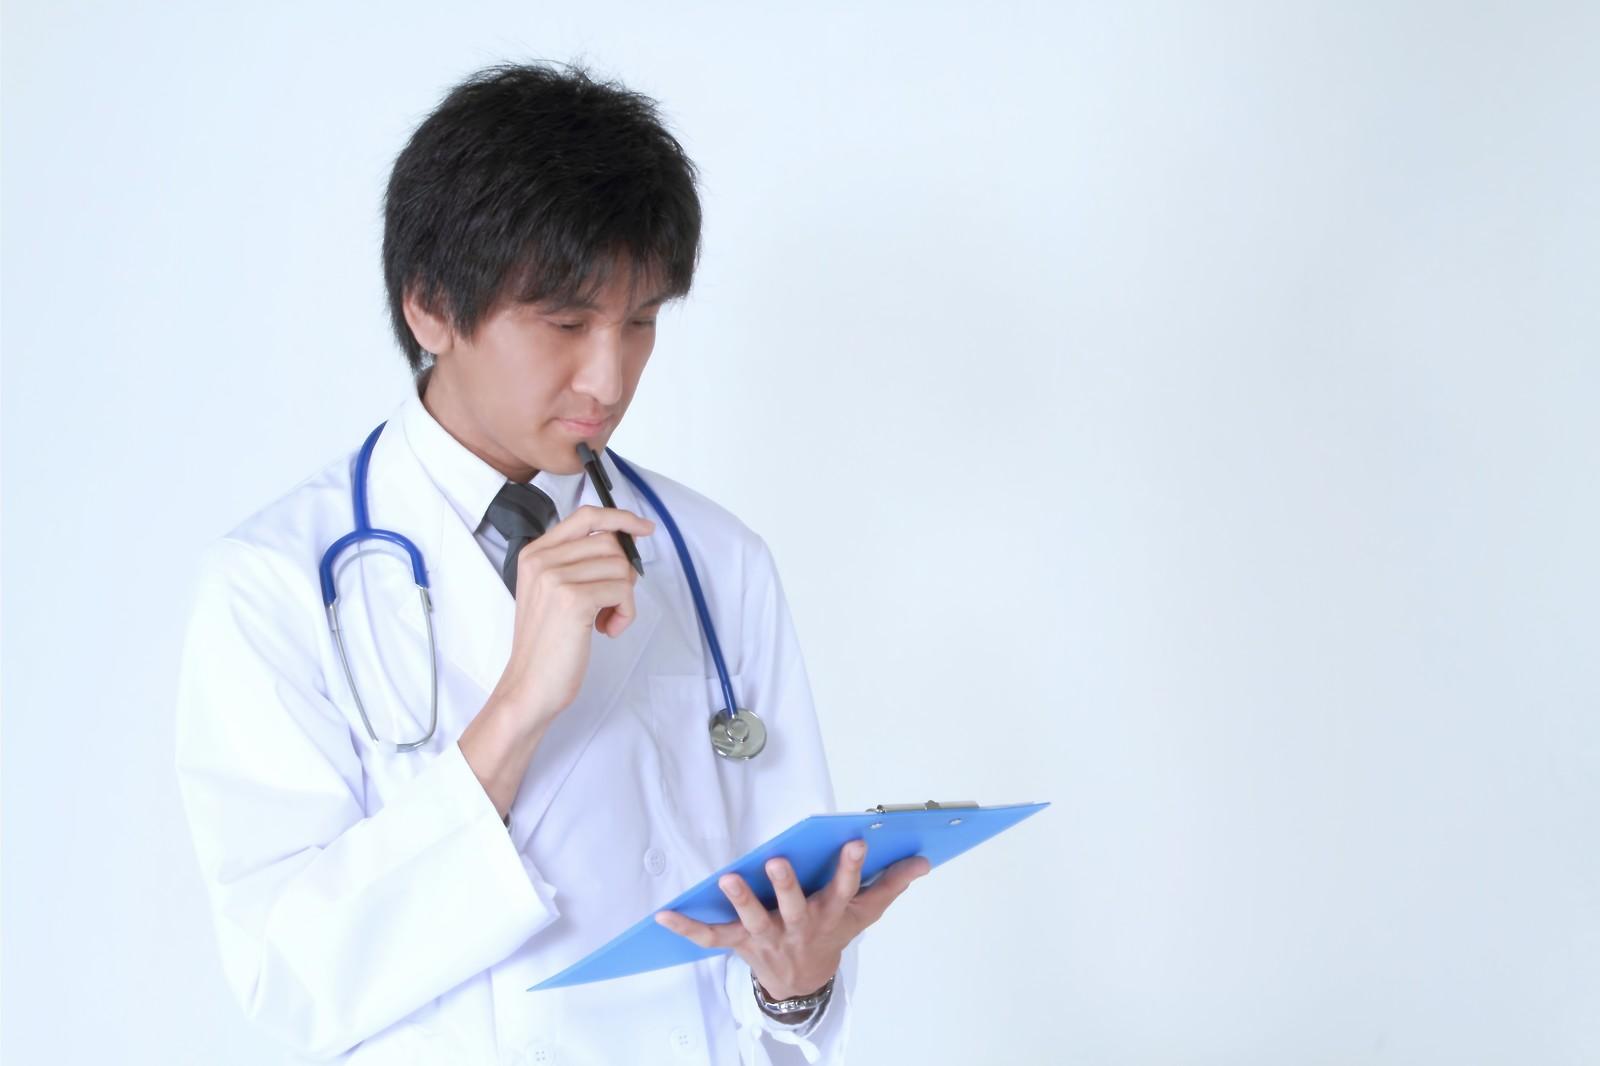 医者の問診表確認